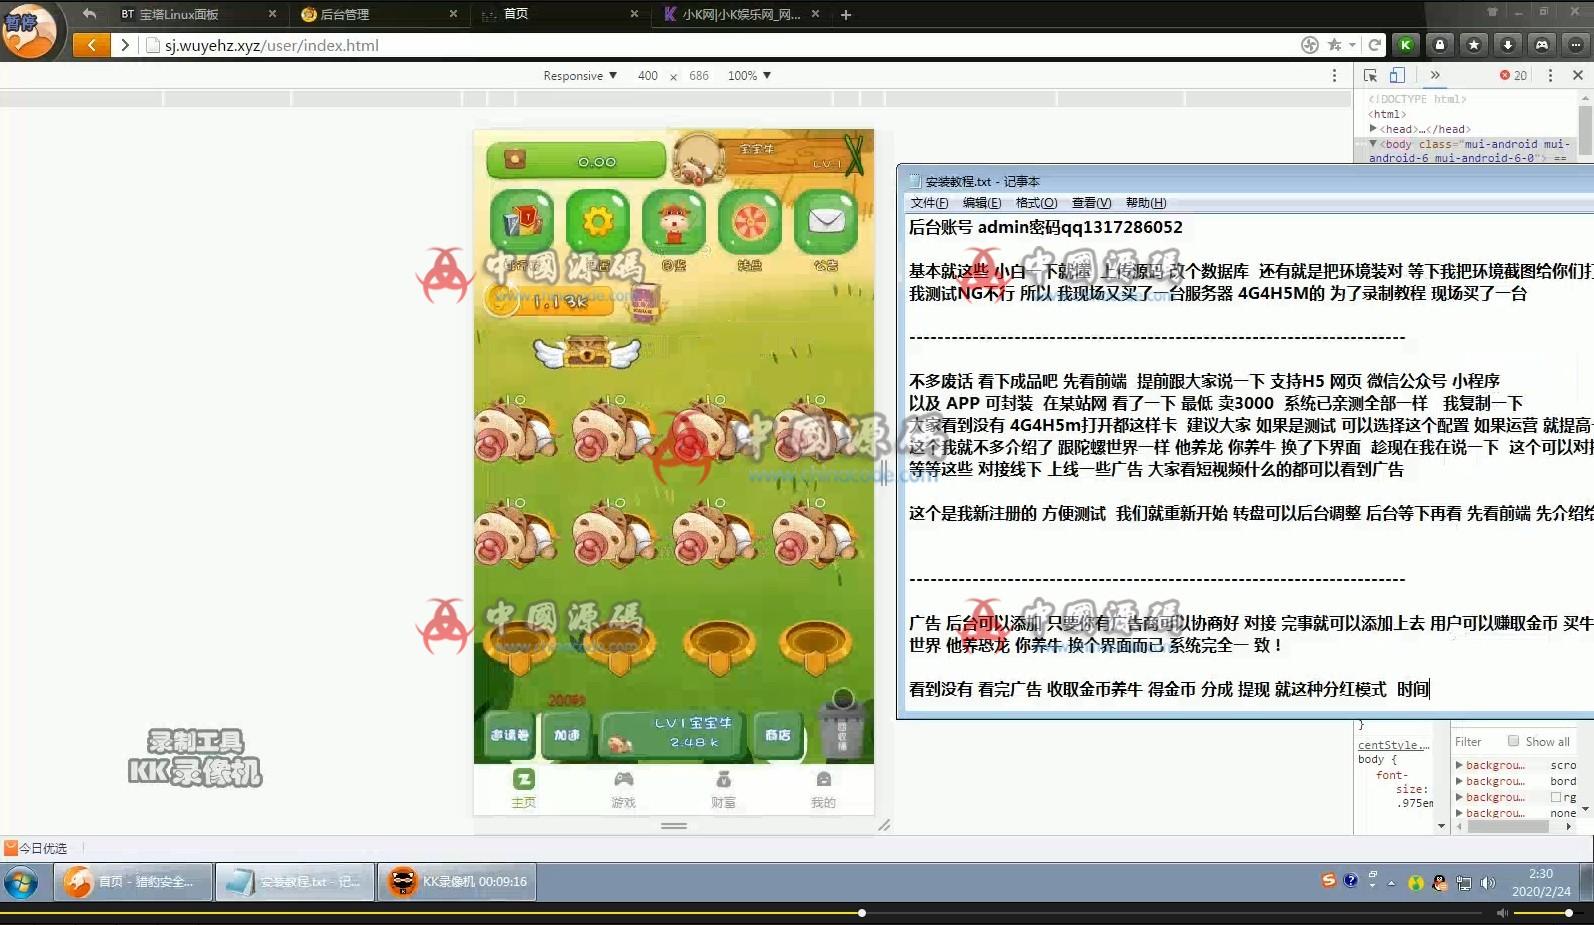 【视频】最新版本第二版陀螺世界源码搭建视频教程 教程-第2张